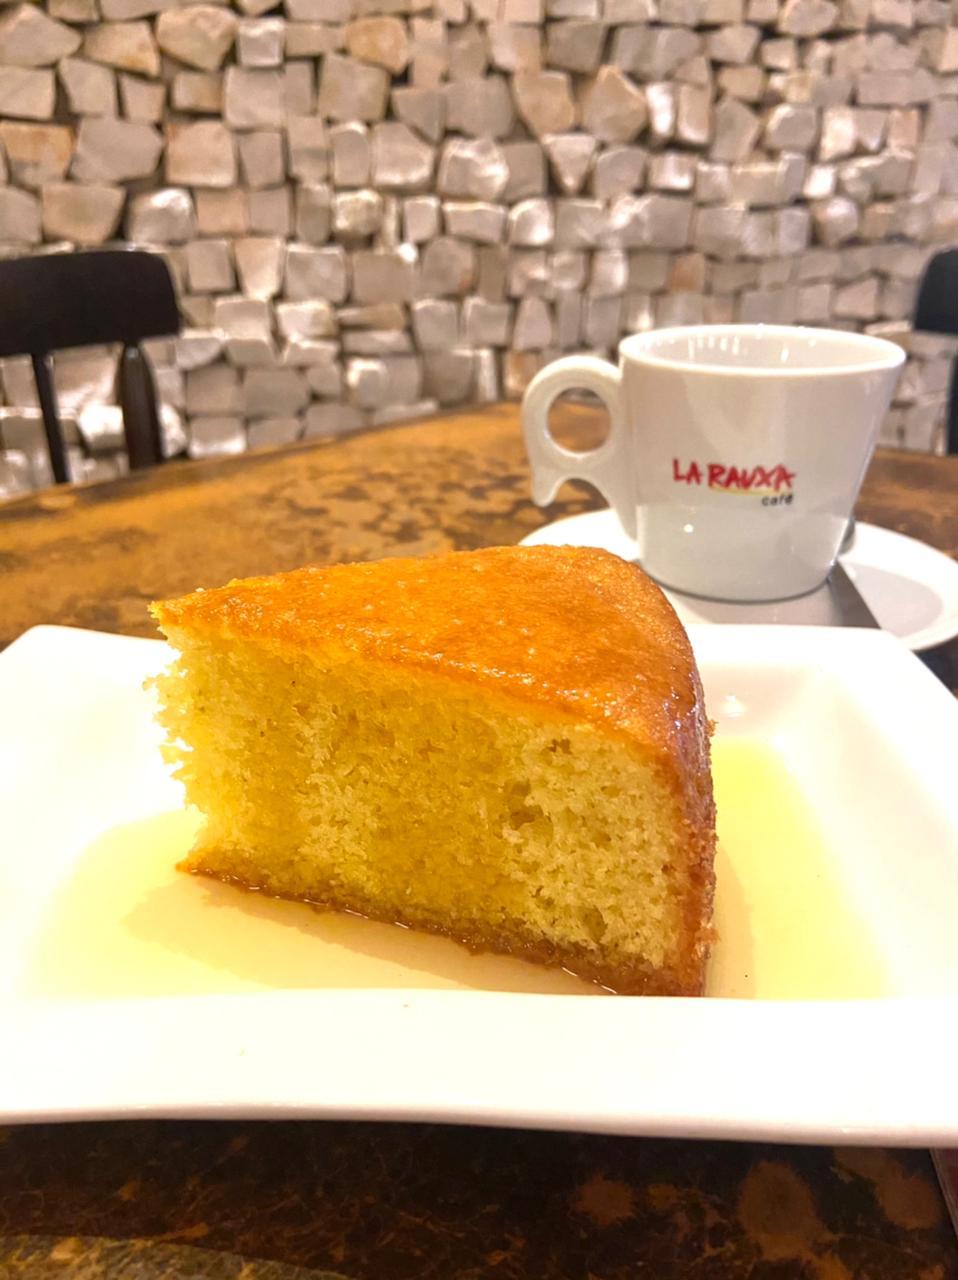 Bolo de laranja da La Rauxa é uma autêntica receita de mãe, ideal para servir com café. Foto: Divulgação